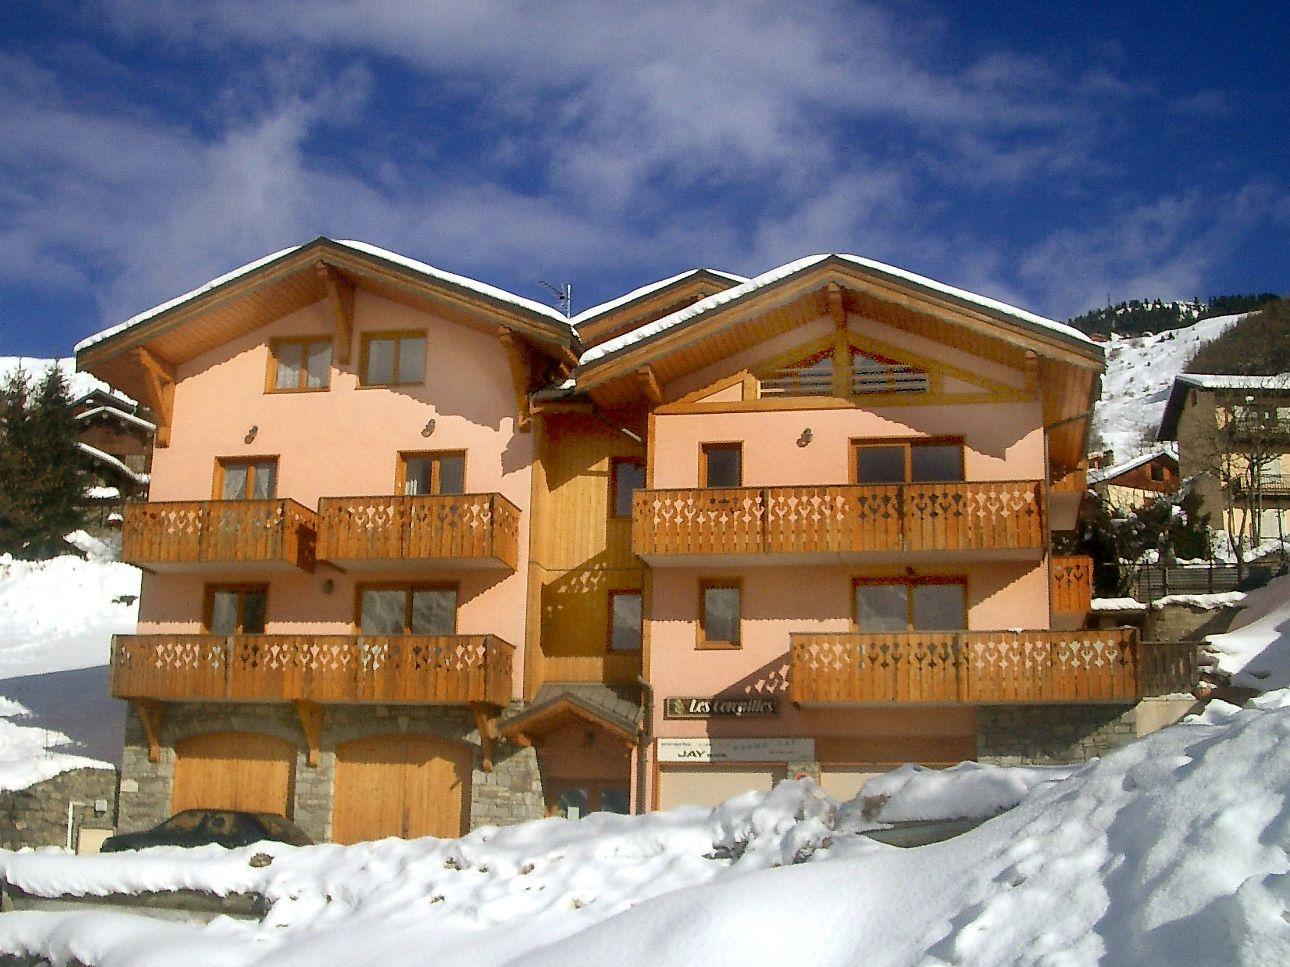 Appartement Coronilles combinatie 2x4 + 2x6 + 2x8 personen - 26-36 personen